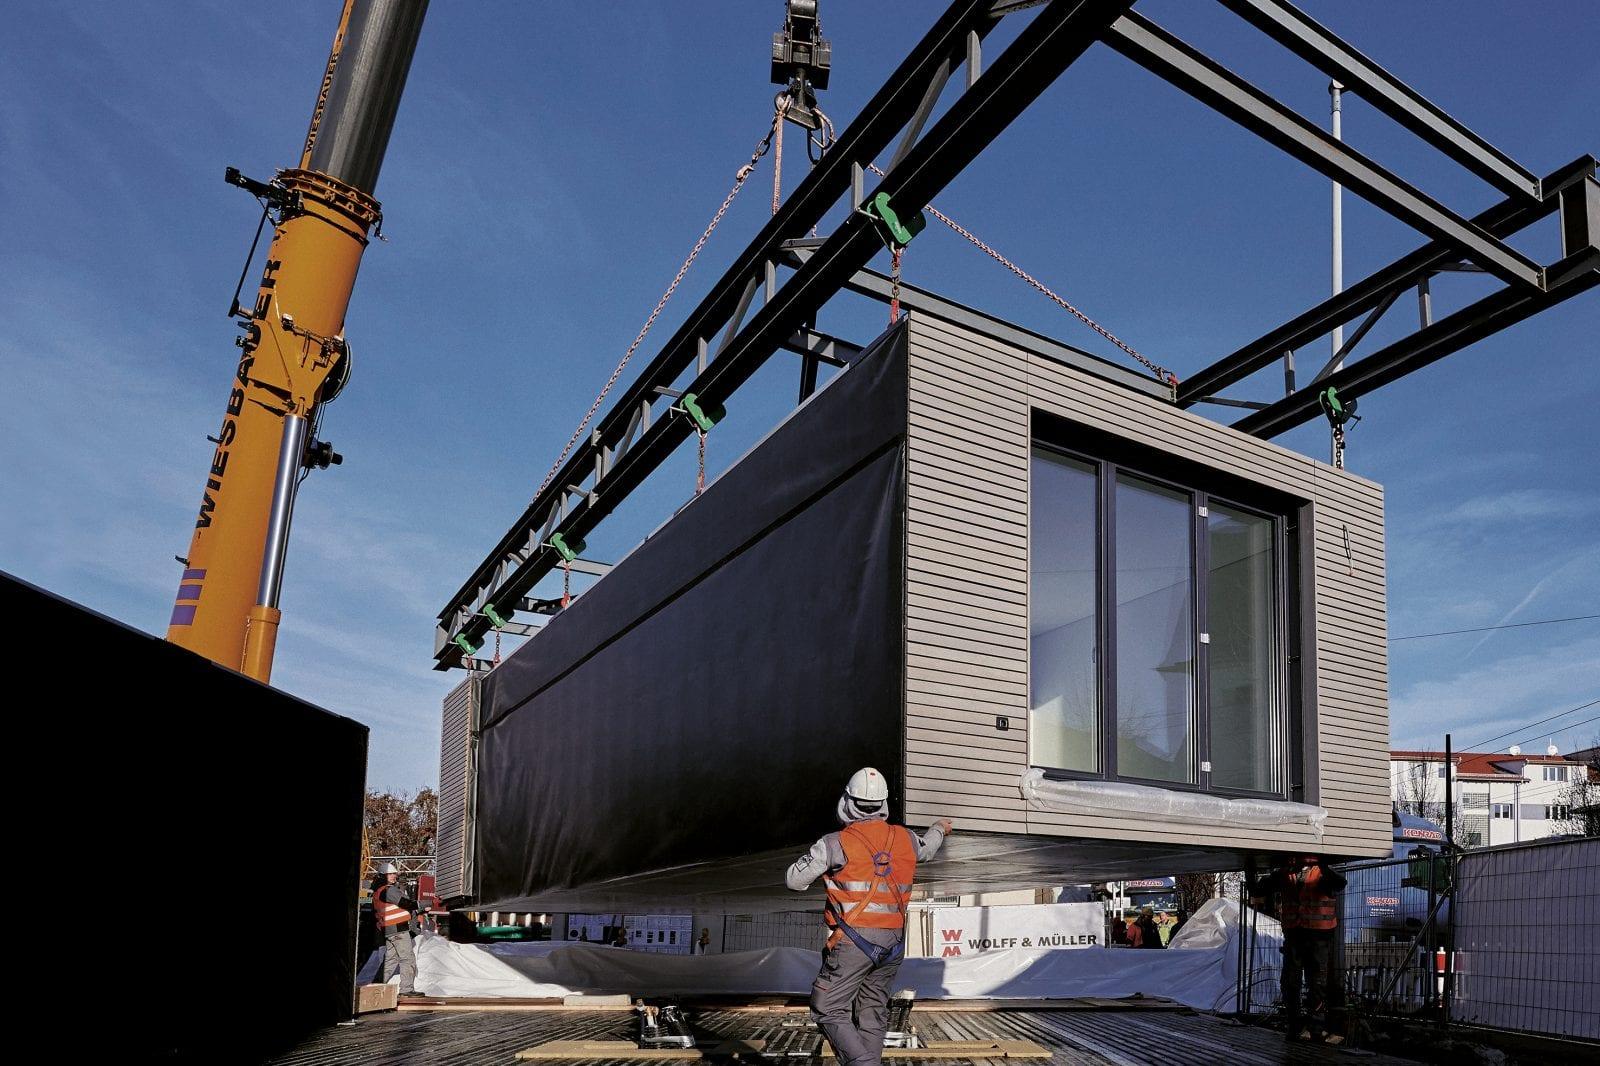 Die aktivhaus-Module werden in einer Industriehalle vorgefertigt und dann auf die Baustelle transportiert (Foto: Peter Oppenländer)